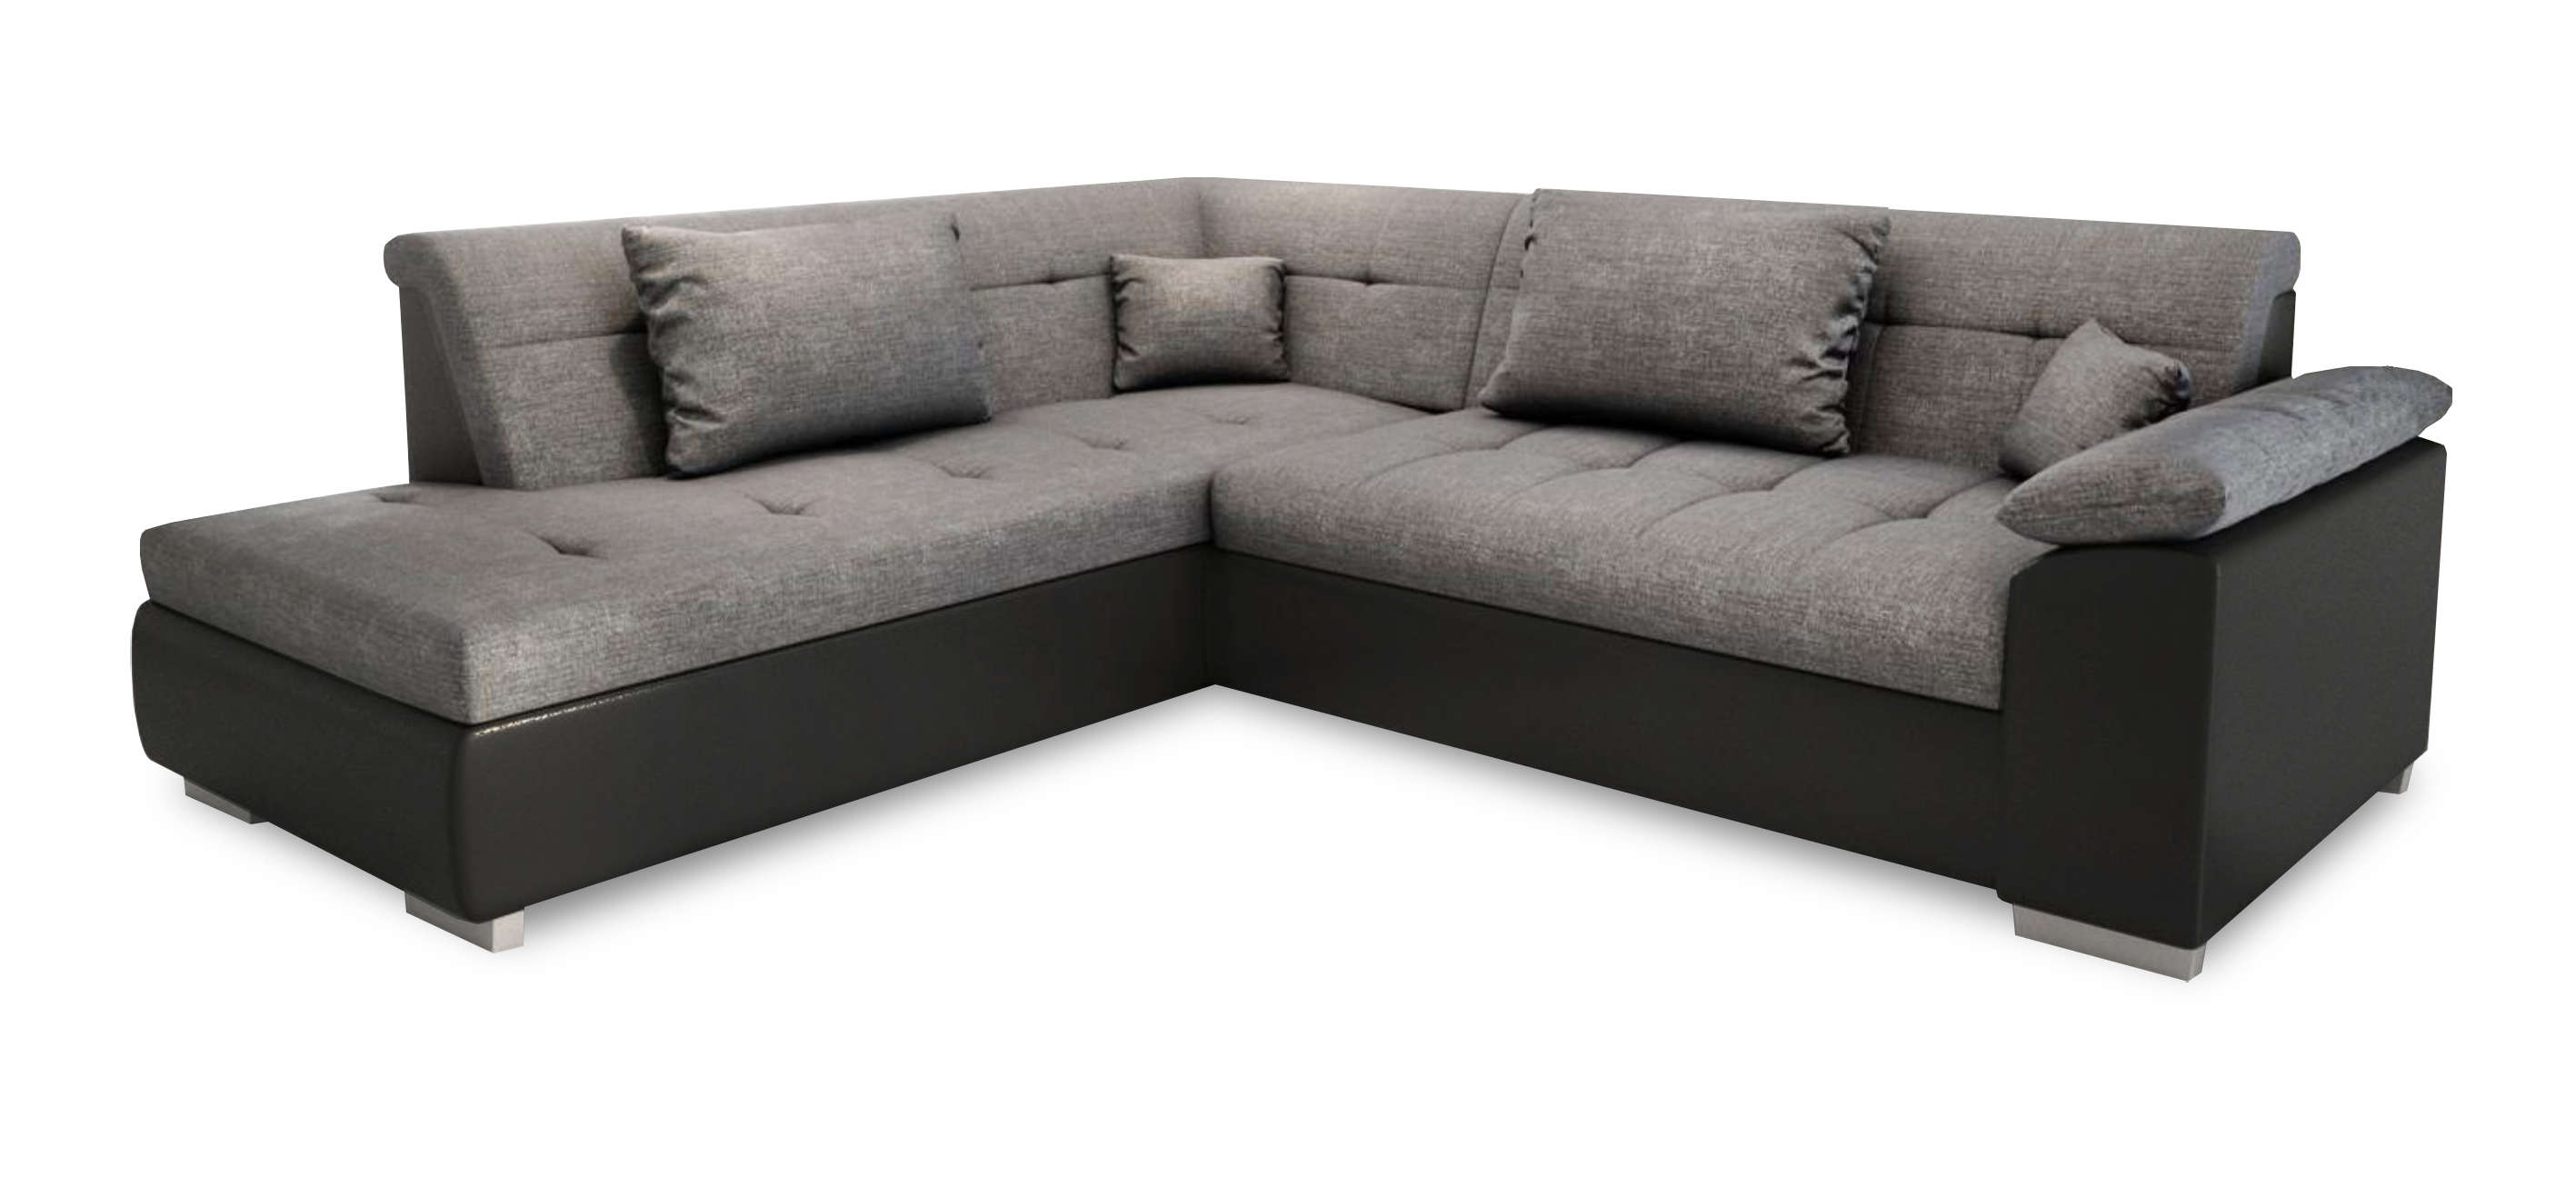 Canapé Dangle Convertible En Lit Lito - Angle Gauche En Tissu Gris Et  Simili Cuir Noir intérieur Canape Cuir Convertible